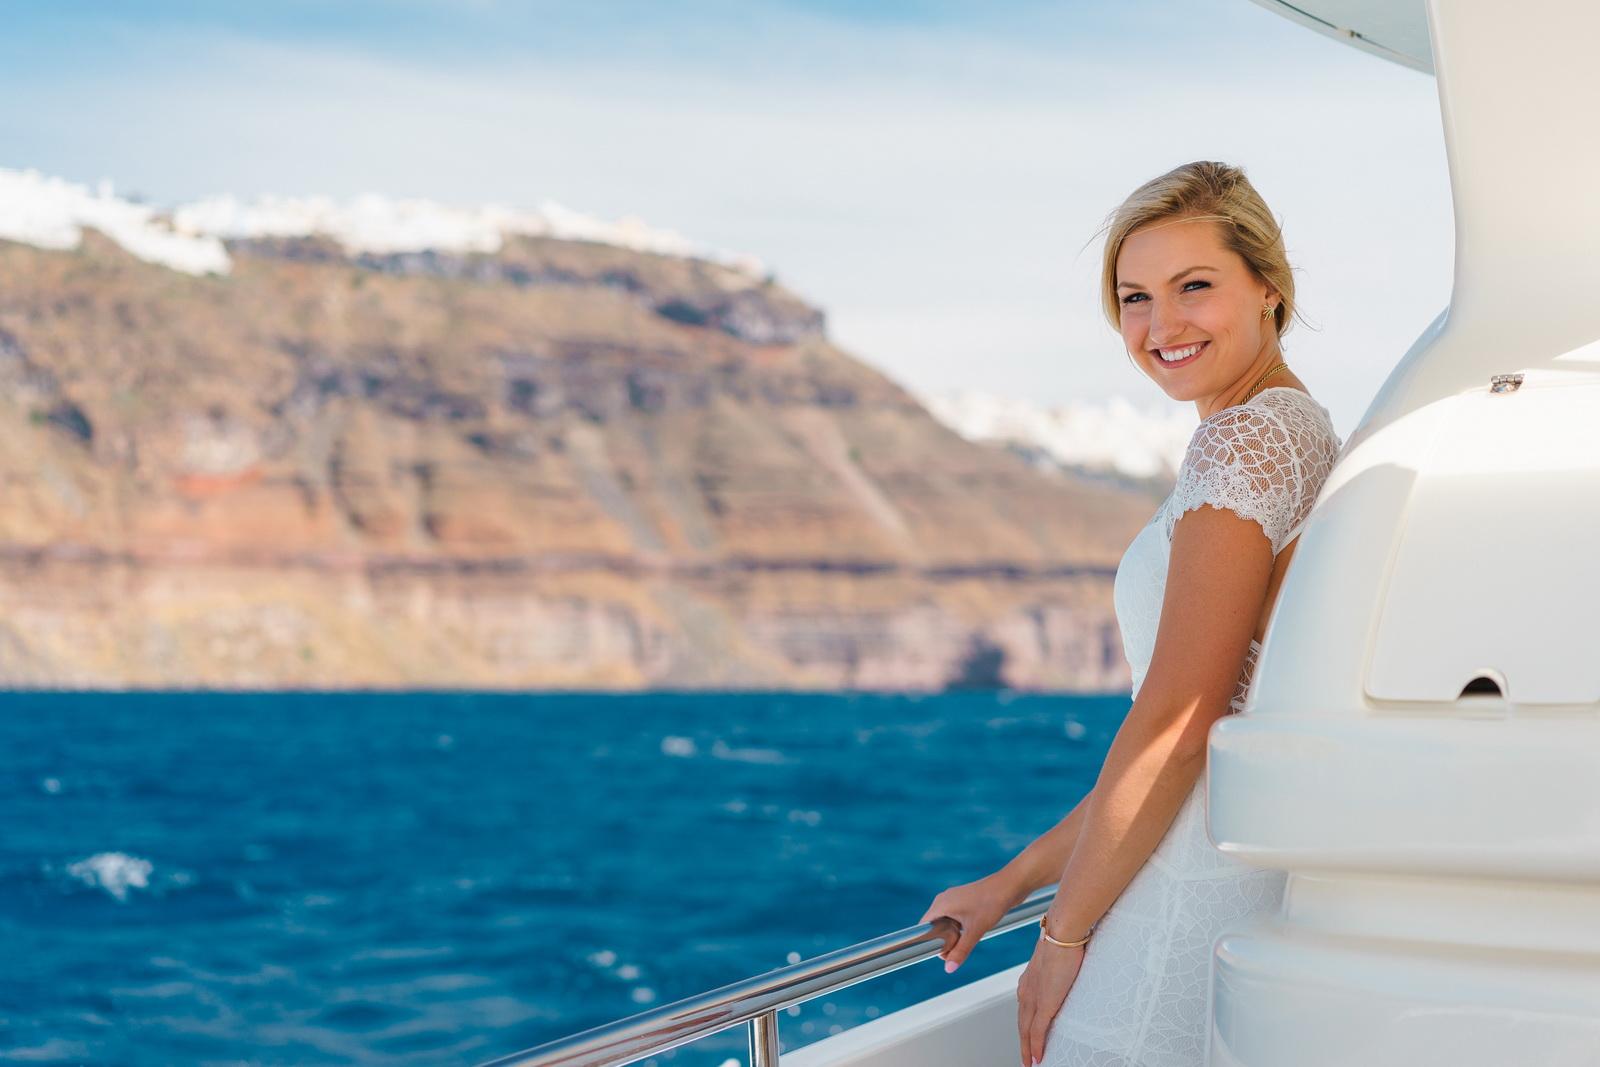 Аренда яхты: свадьба на санторини, свадебное агентство Julia Veselova - Фото 3